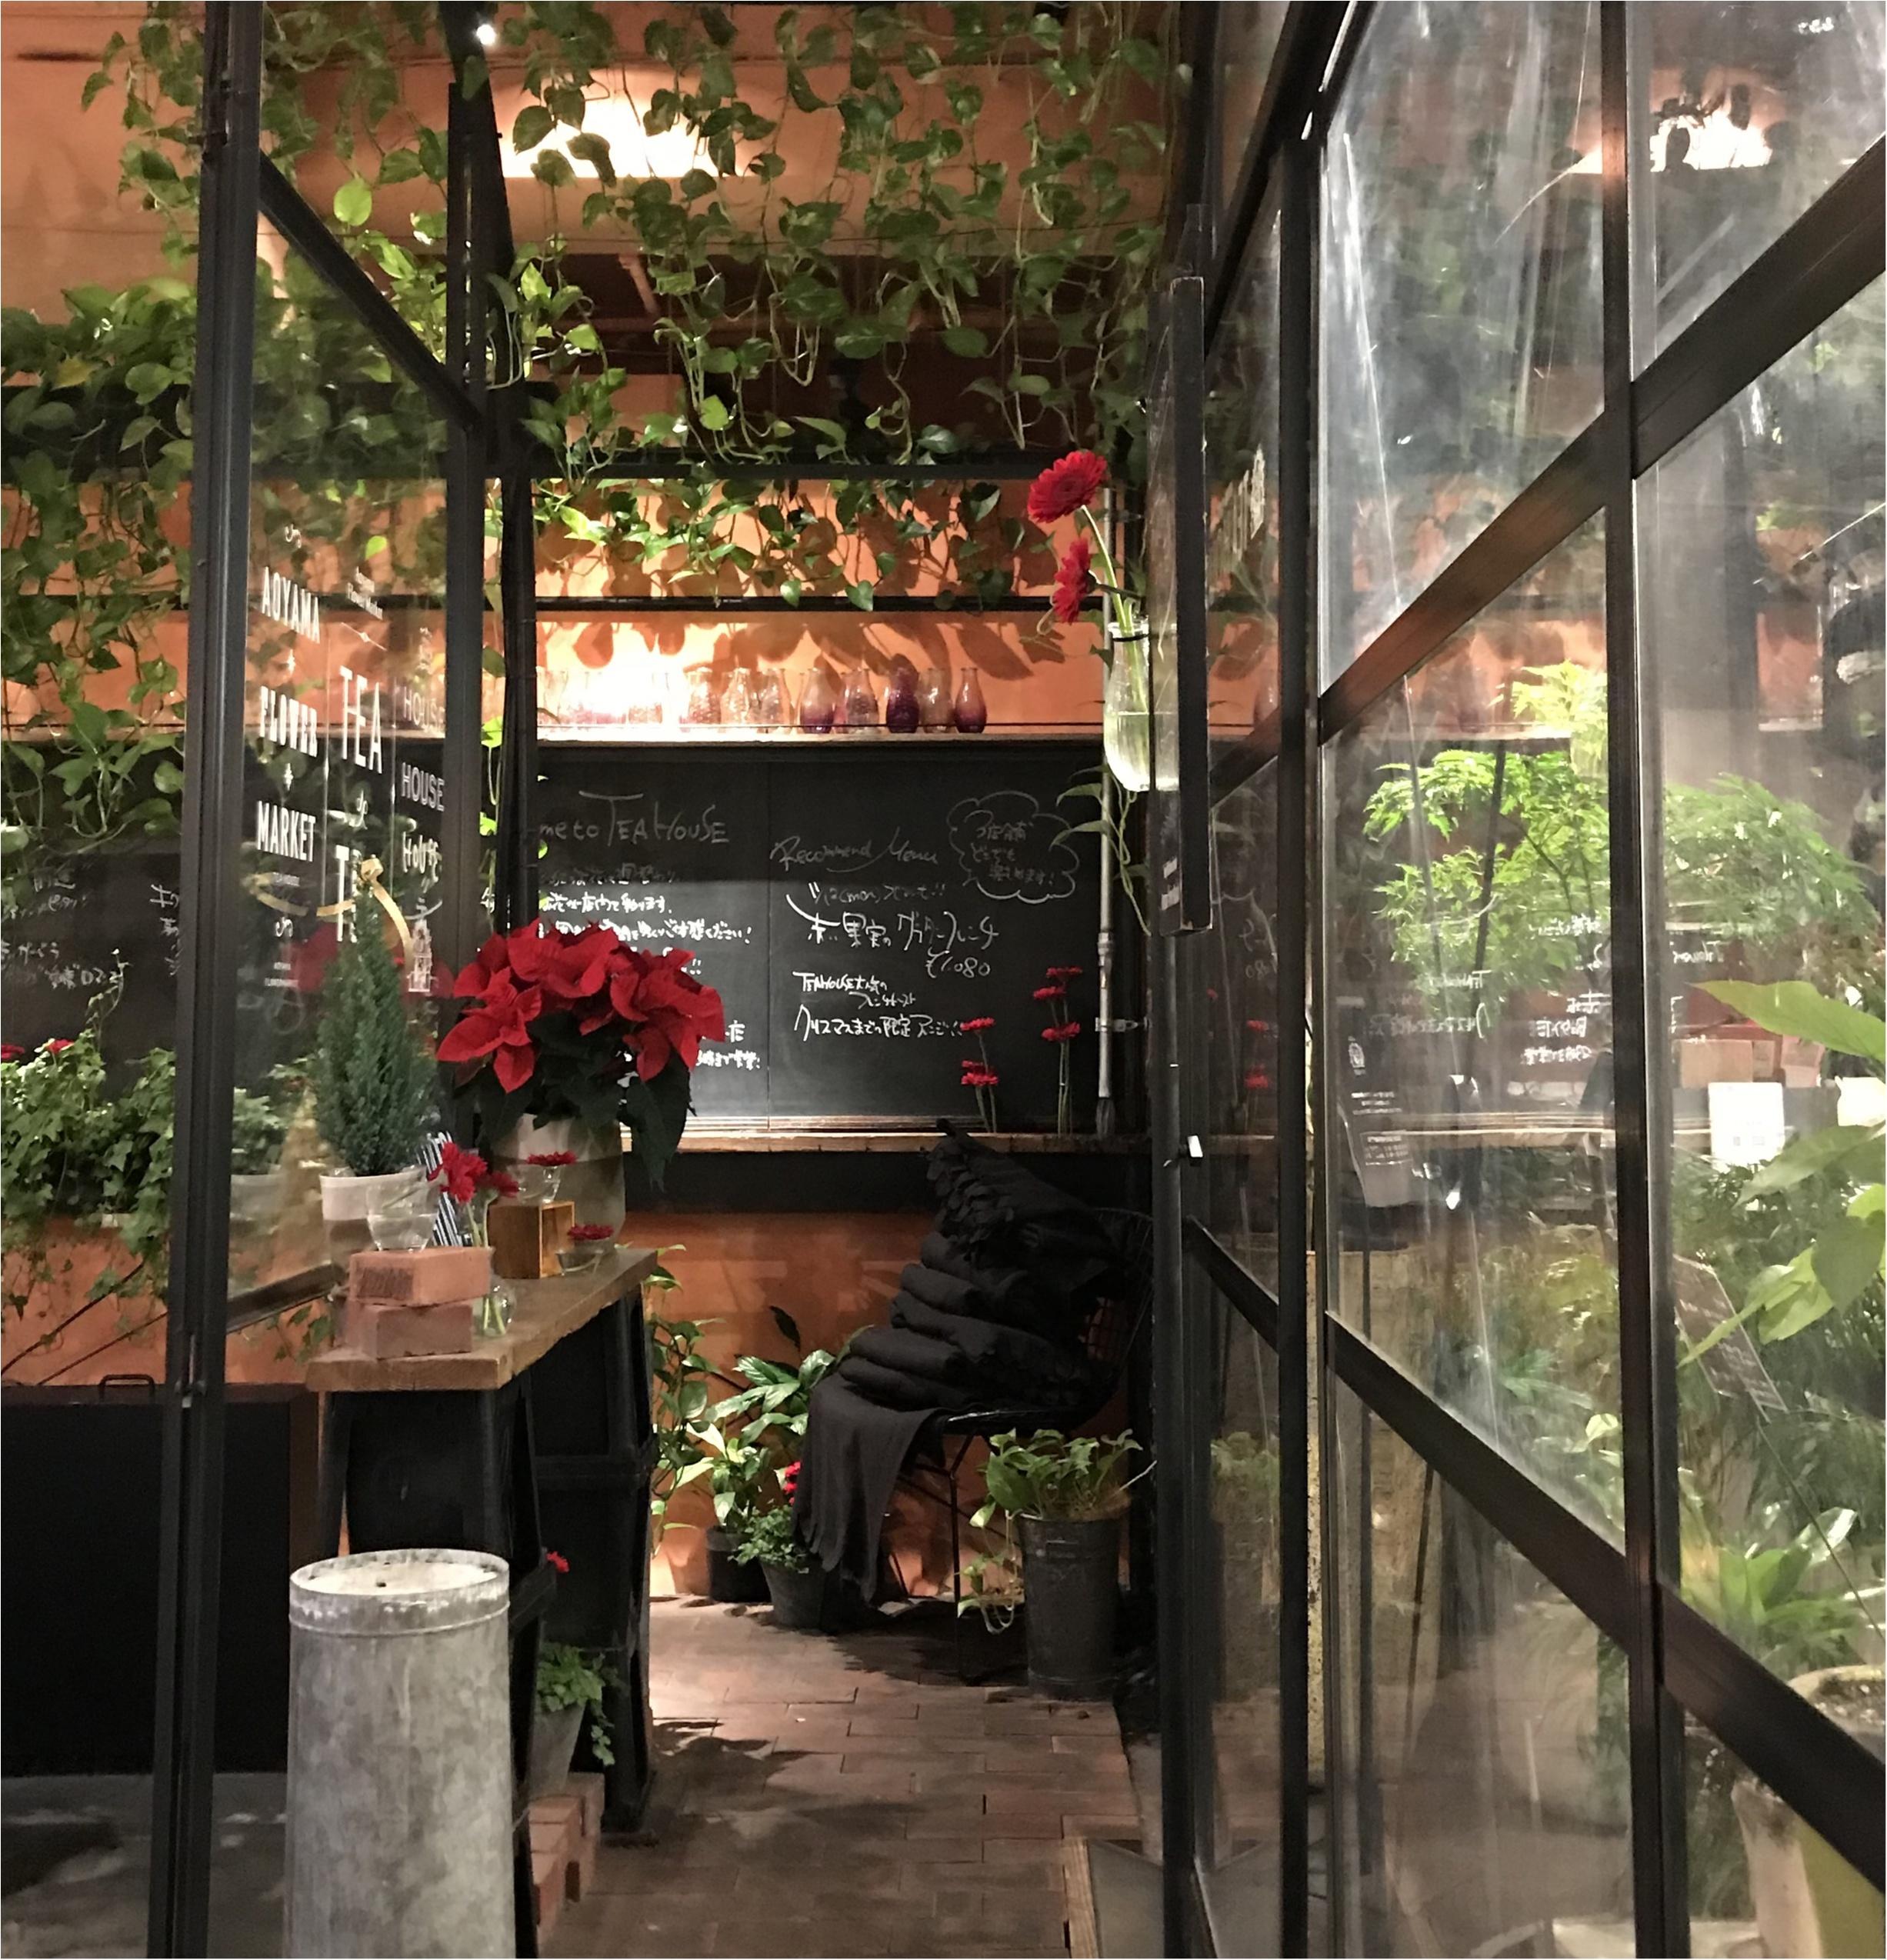 【FOOD】~Aoyama Flower Market~お花に囲まれて食べるご飯は格別♡季節ごとに何回でも行きたくなる素敵なカフェ♡今のお花は?_2